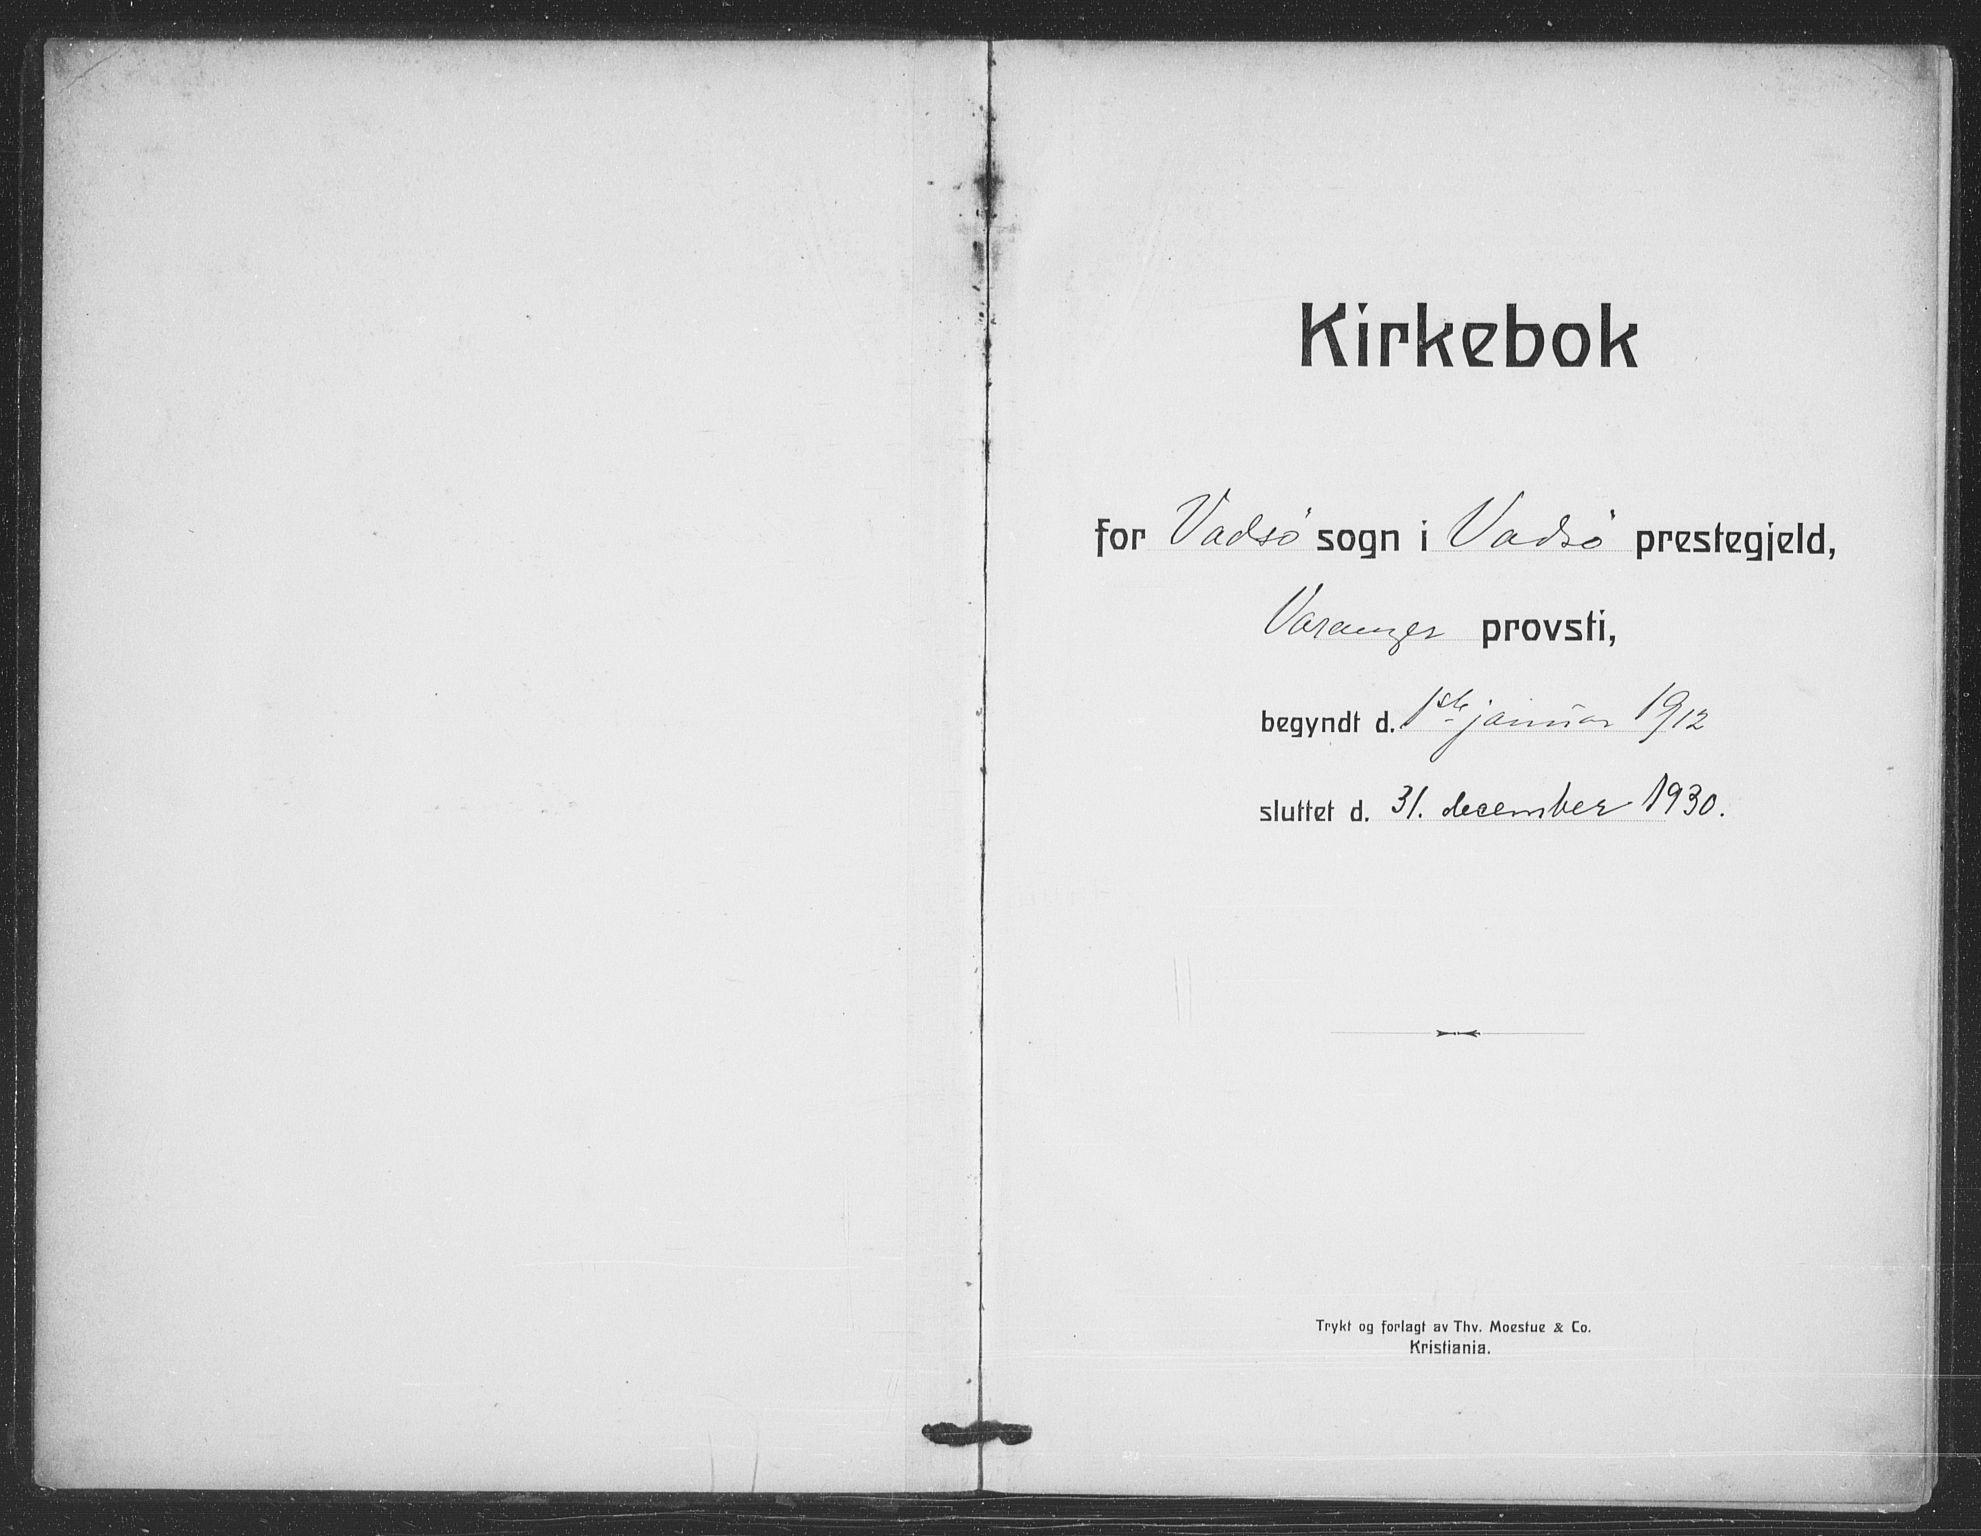 SATØ, Vadsø sokneprestkontor, H/Ha/L0008kirke: Ministerialbok nr. 8, 1912-1930